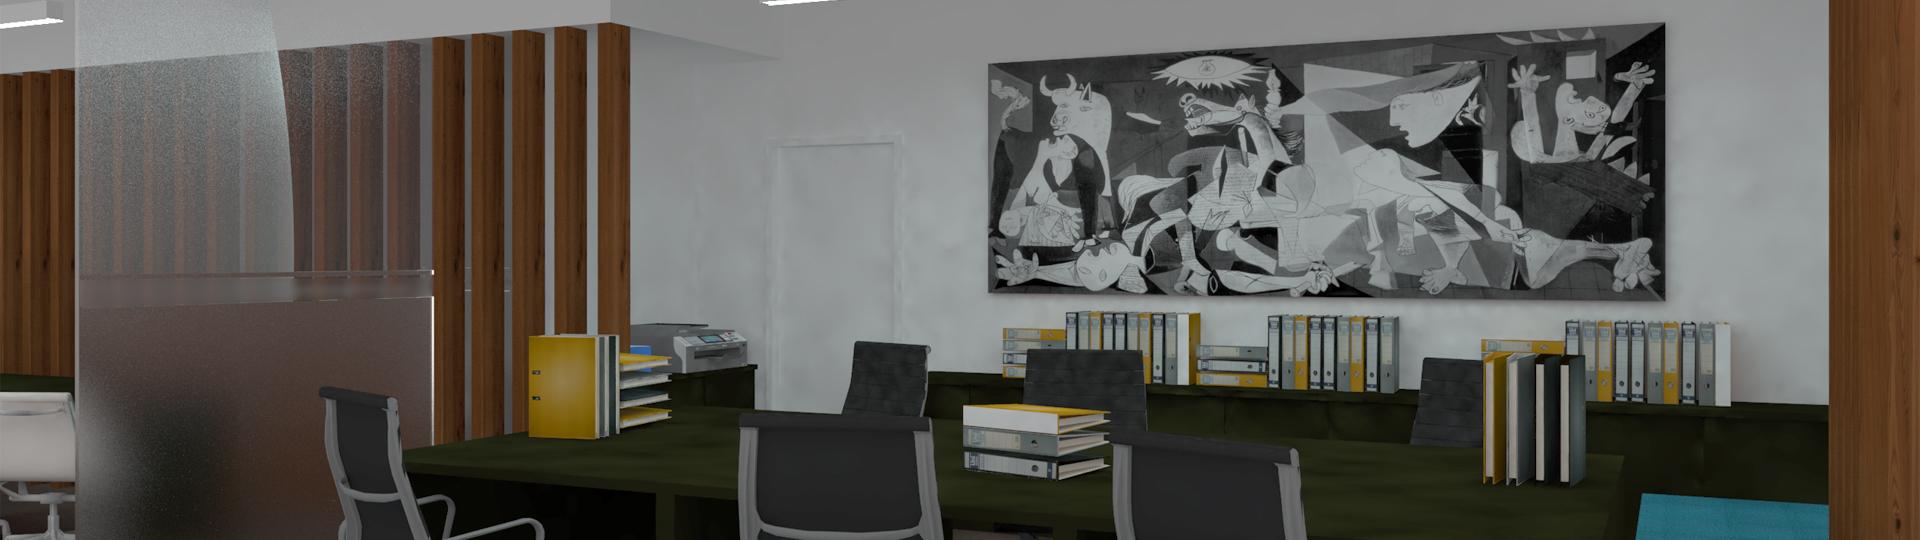 Workspace01-04